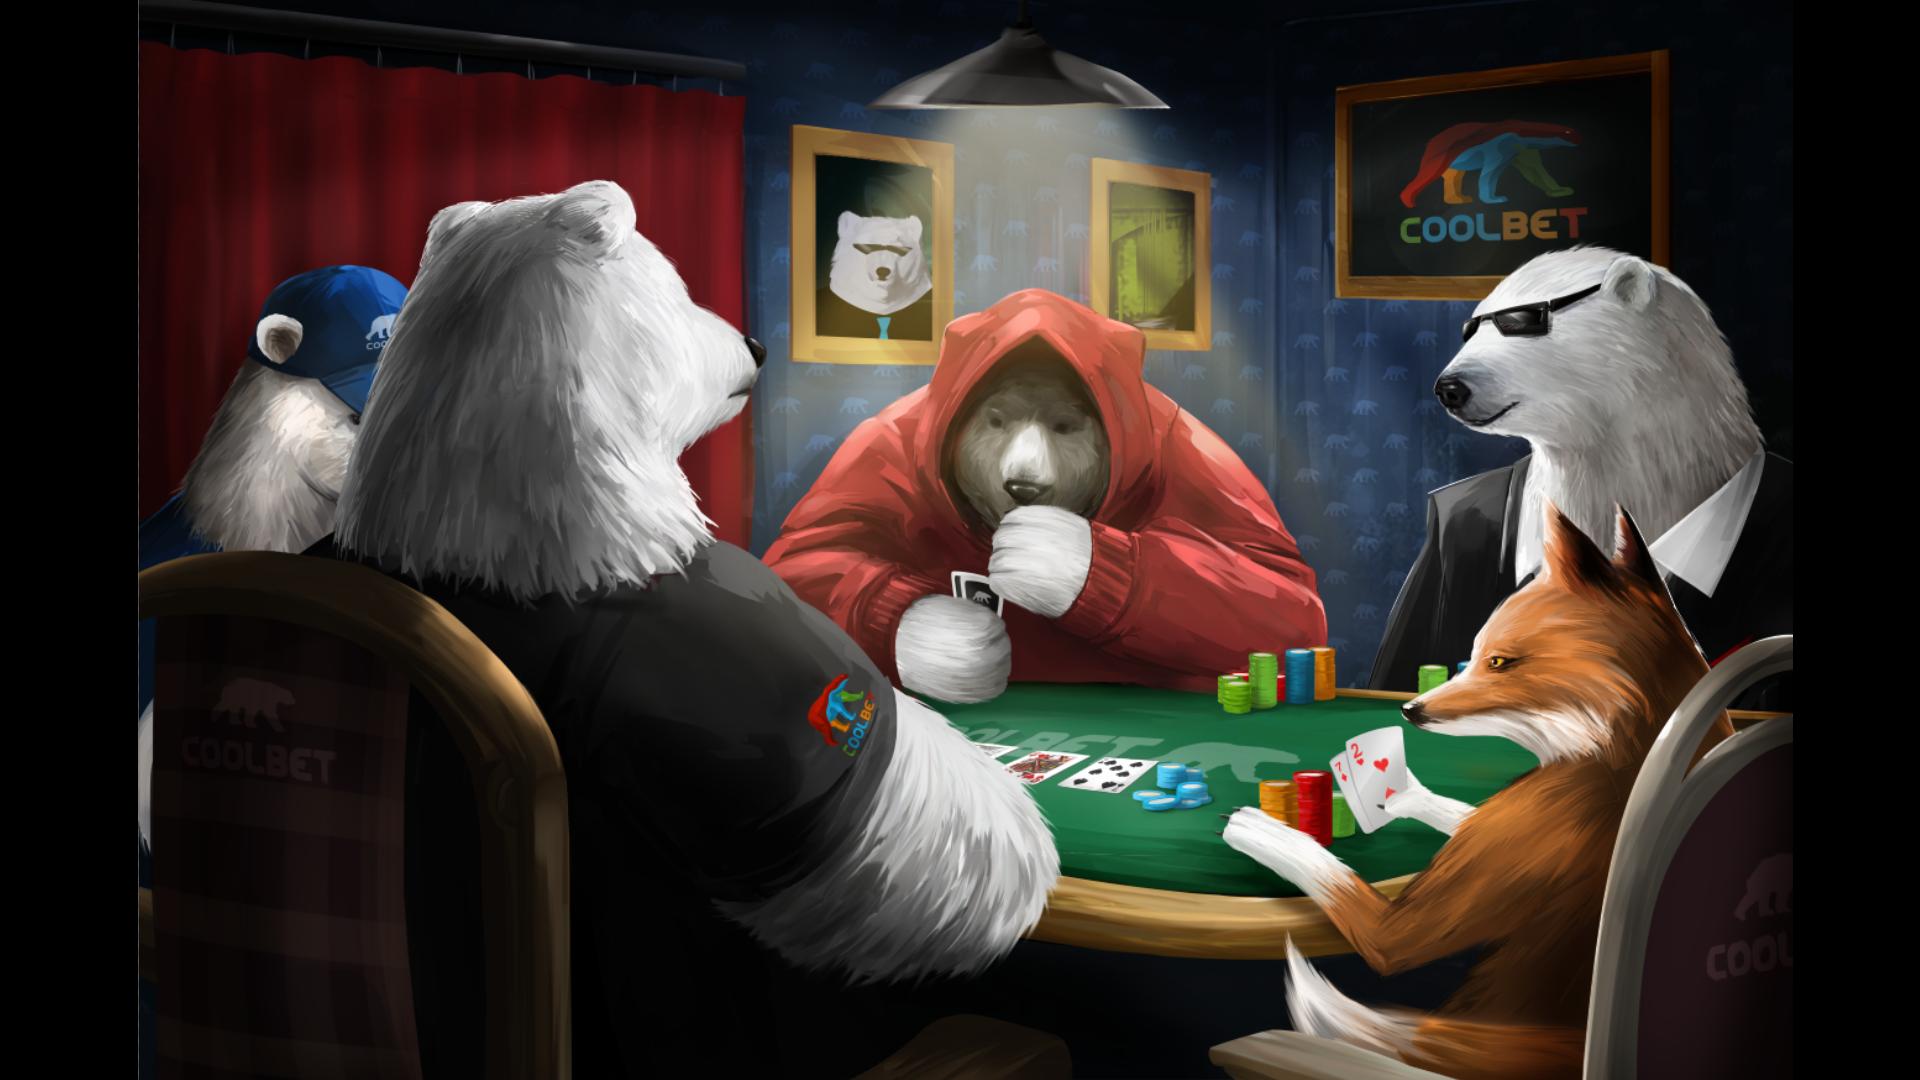 Pokerspel under swedish open kan leda till atal